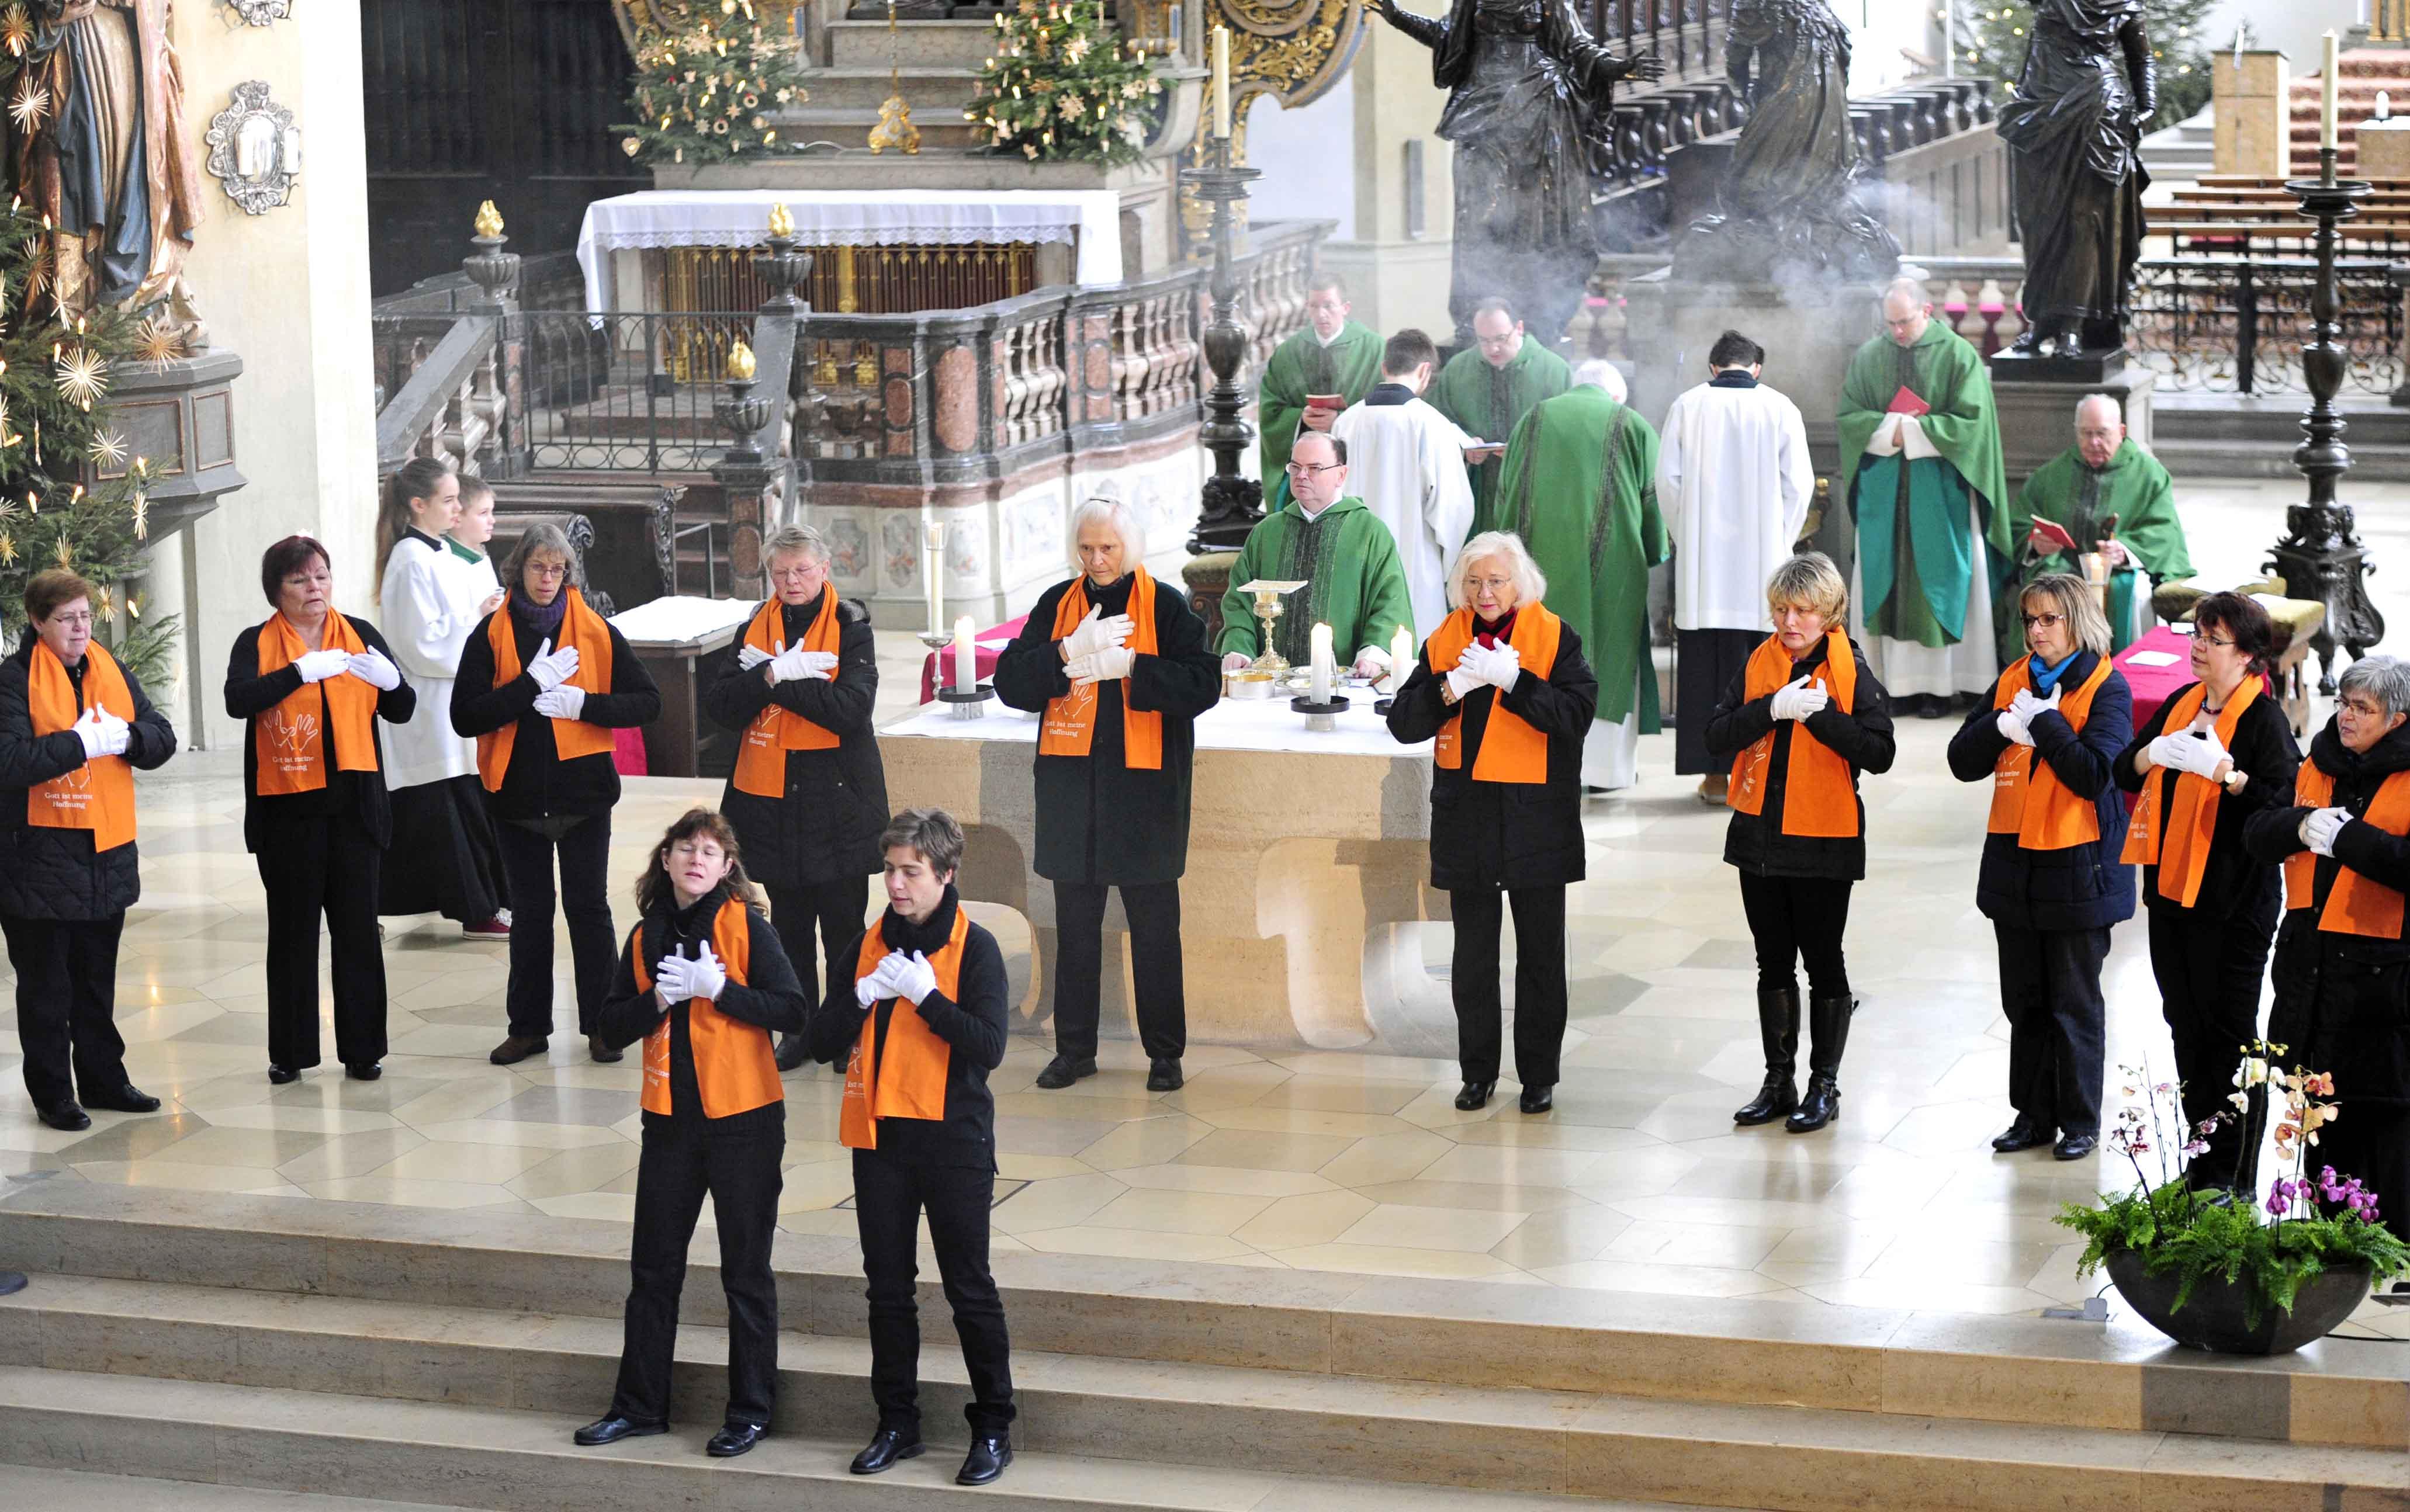 Der ökumenische Gebärdenchor Augsburg beim Festgottesdienst in der Basilika St. Ulrich und Afra. (Foto: Pressestelle Bistum Augsburg/Nicolas Schnall)